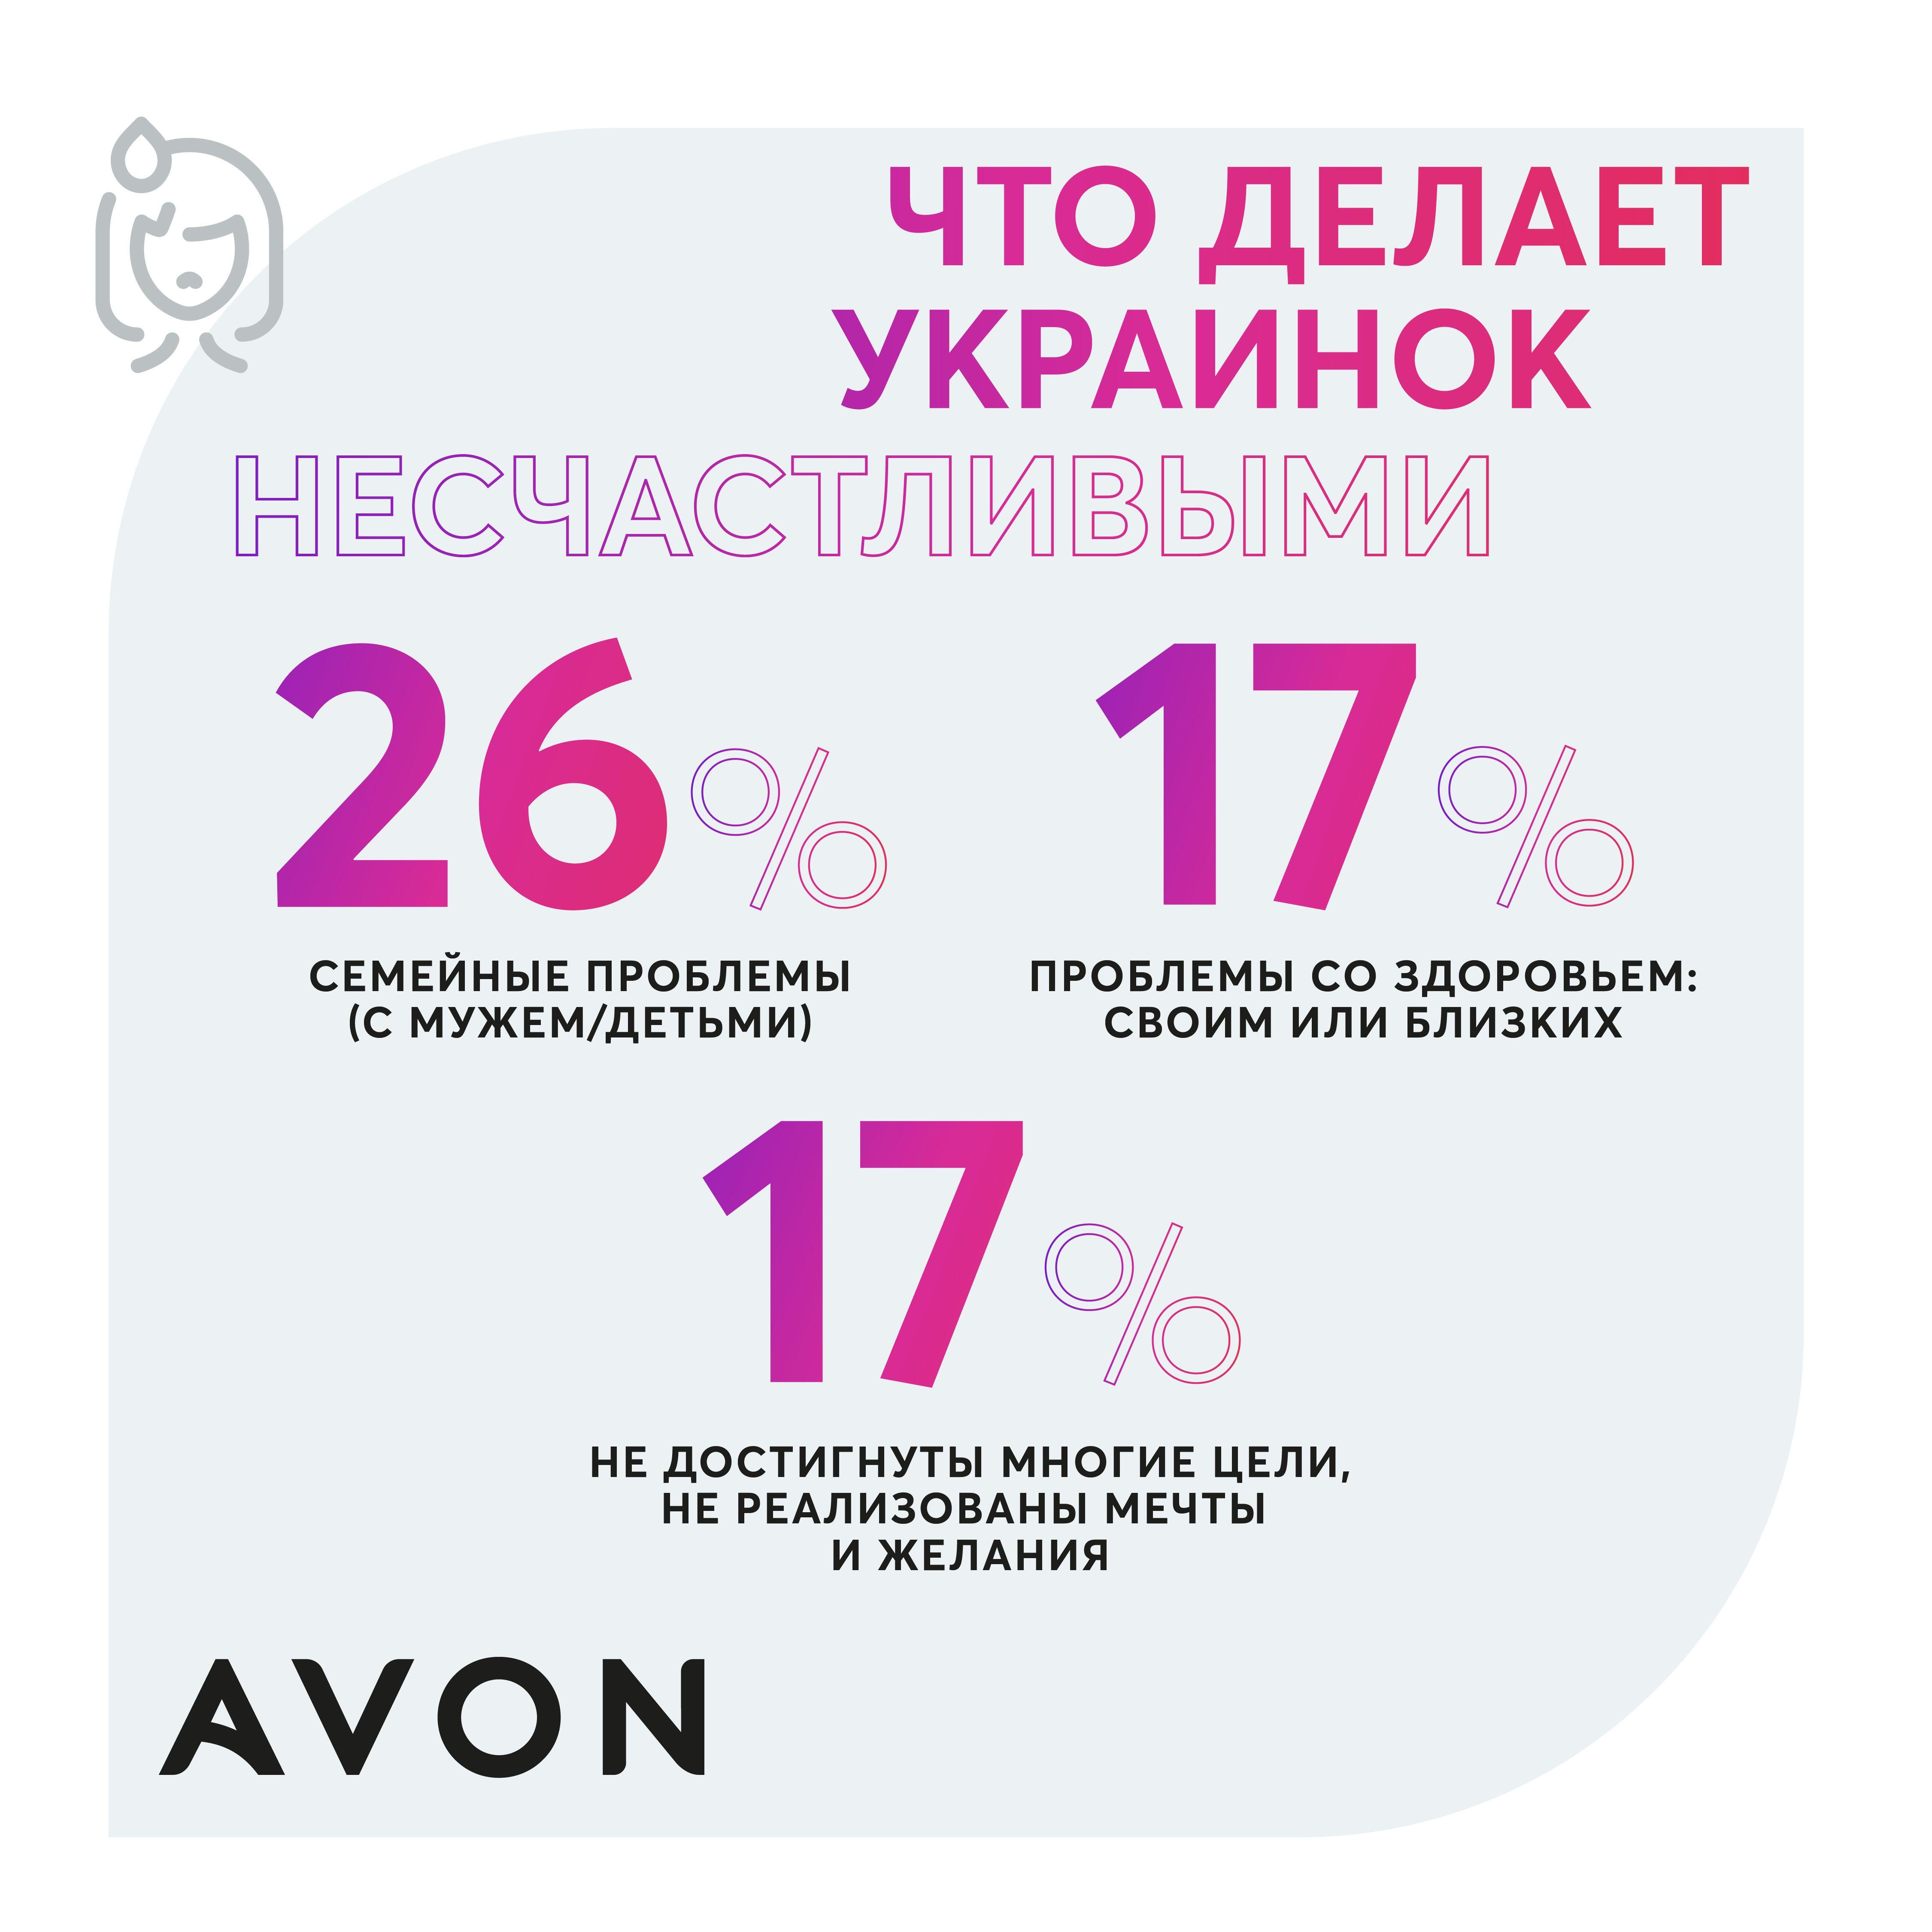 Avon_1